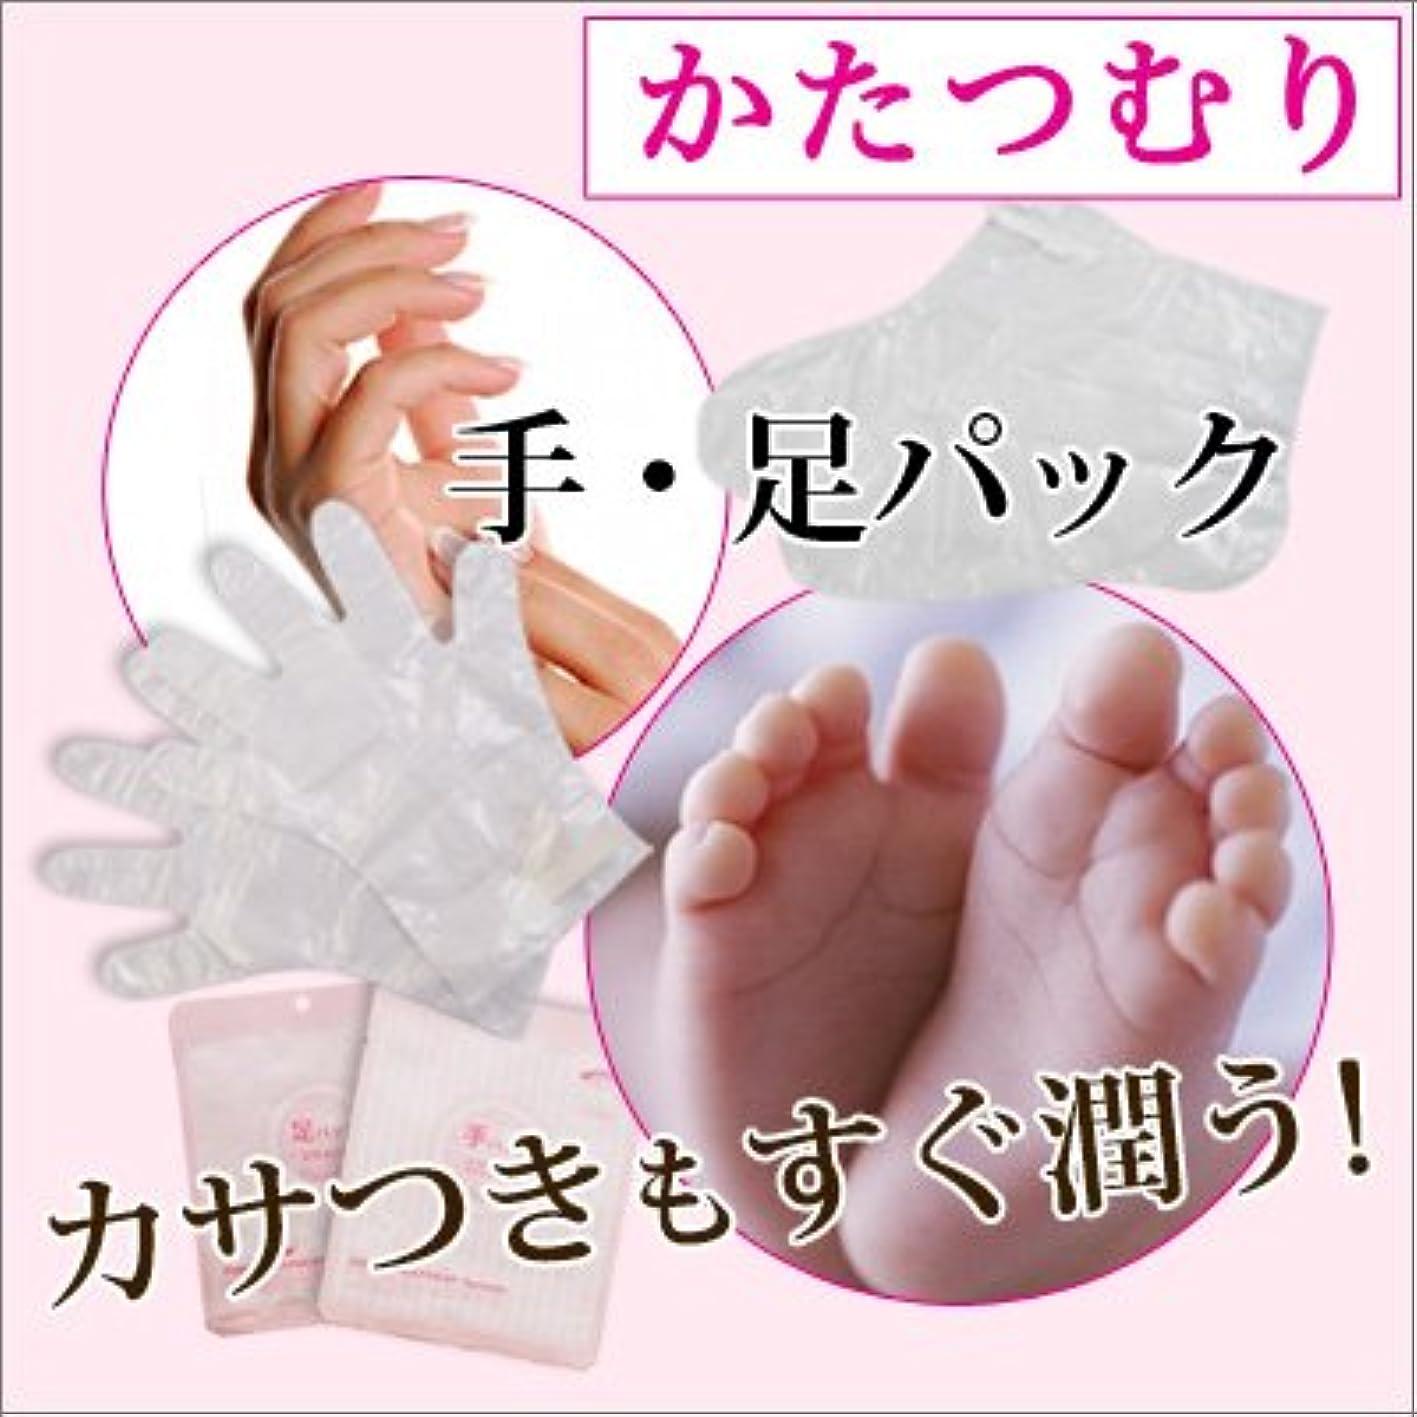 マッシュディーラー黒【かたつむり モイスト フット&ハンド パック 2種類×5枚】